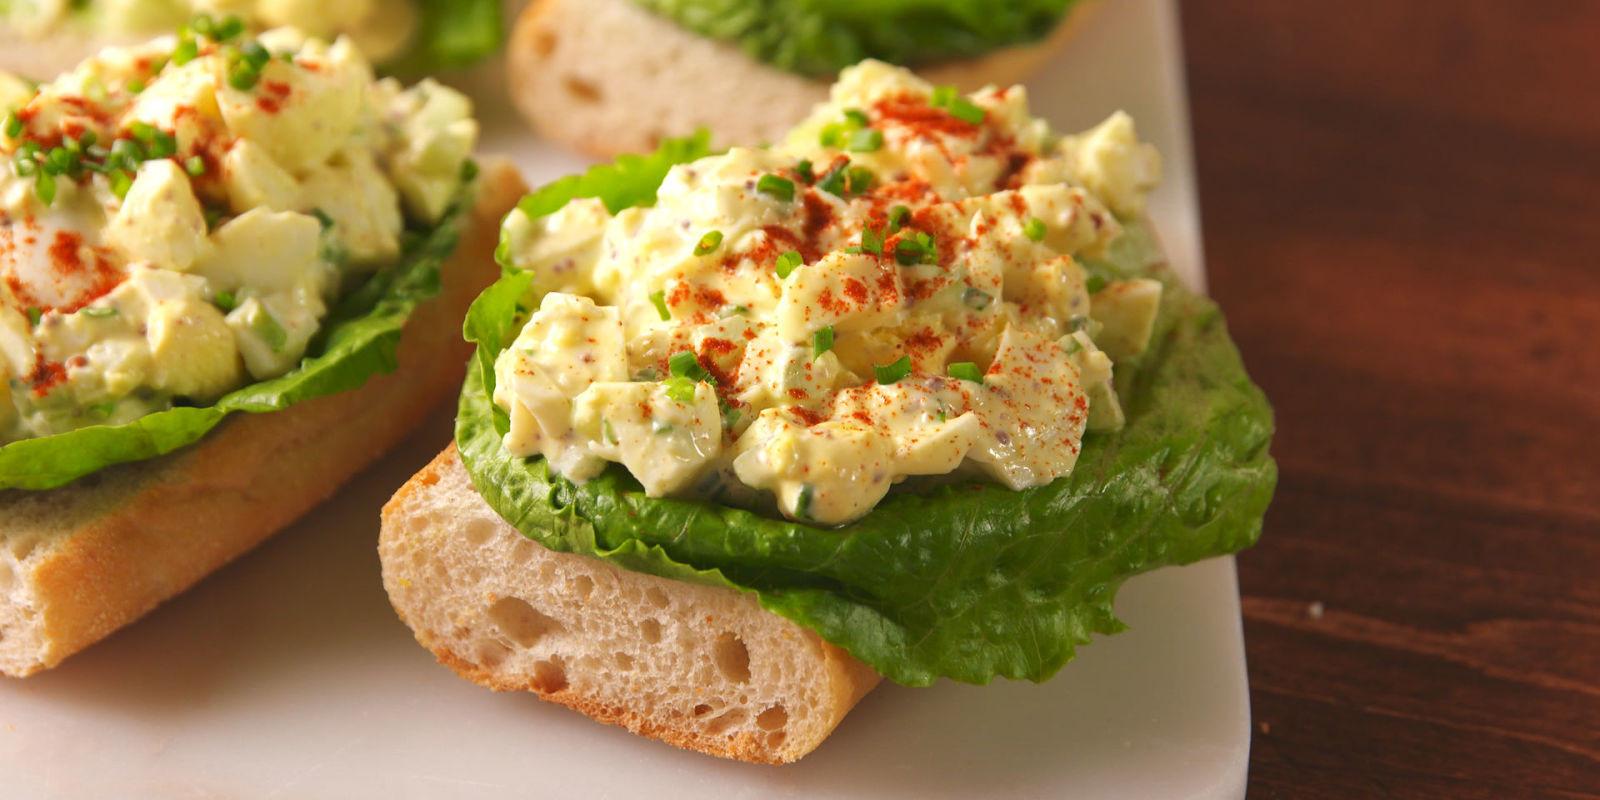 Easter Salads To Make  15 Best Egg Salad Recipes How To Make Easy Egg Salad